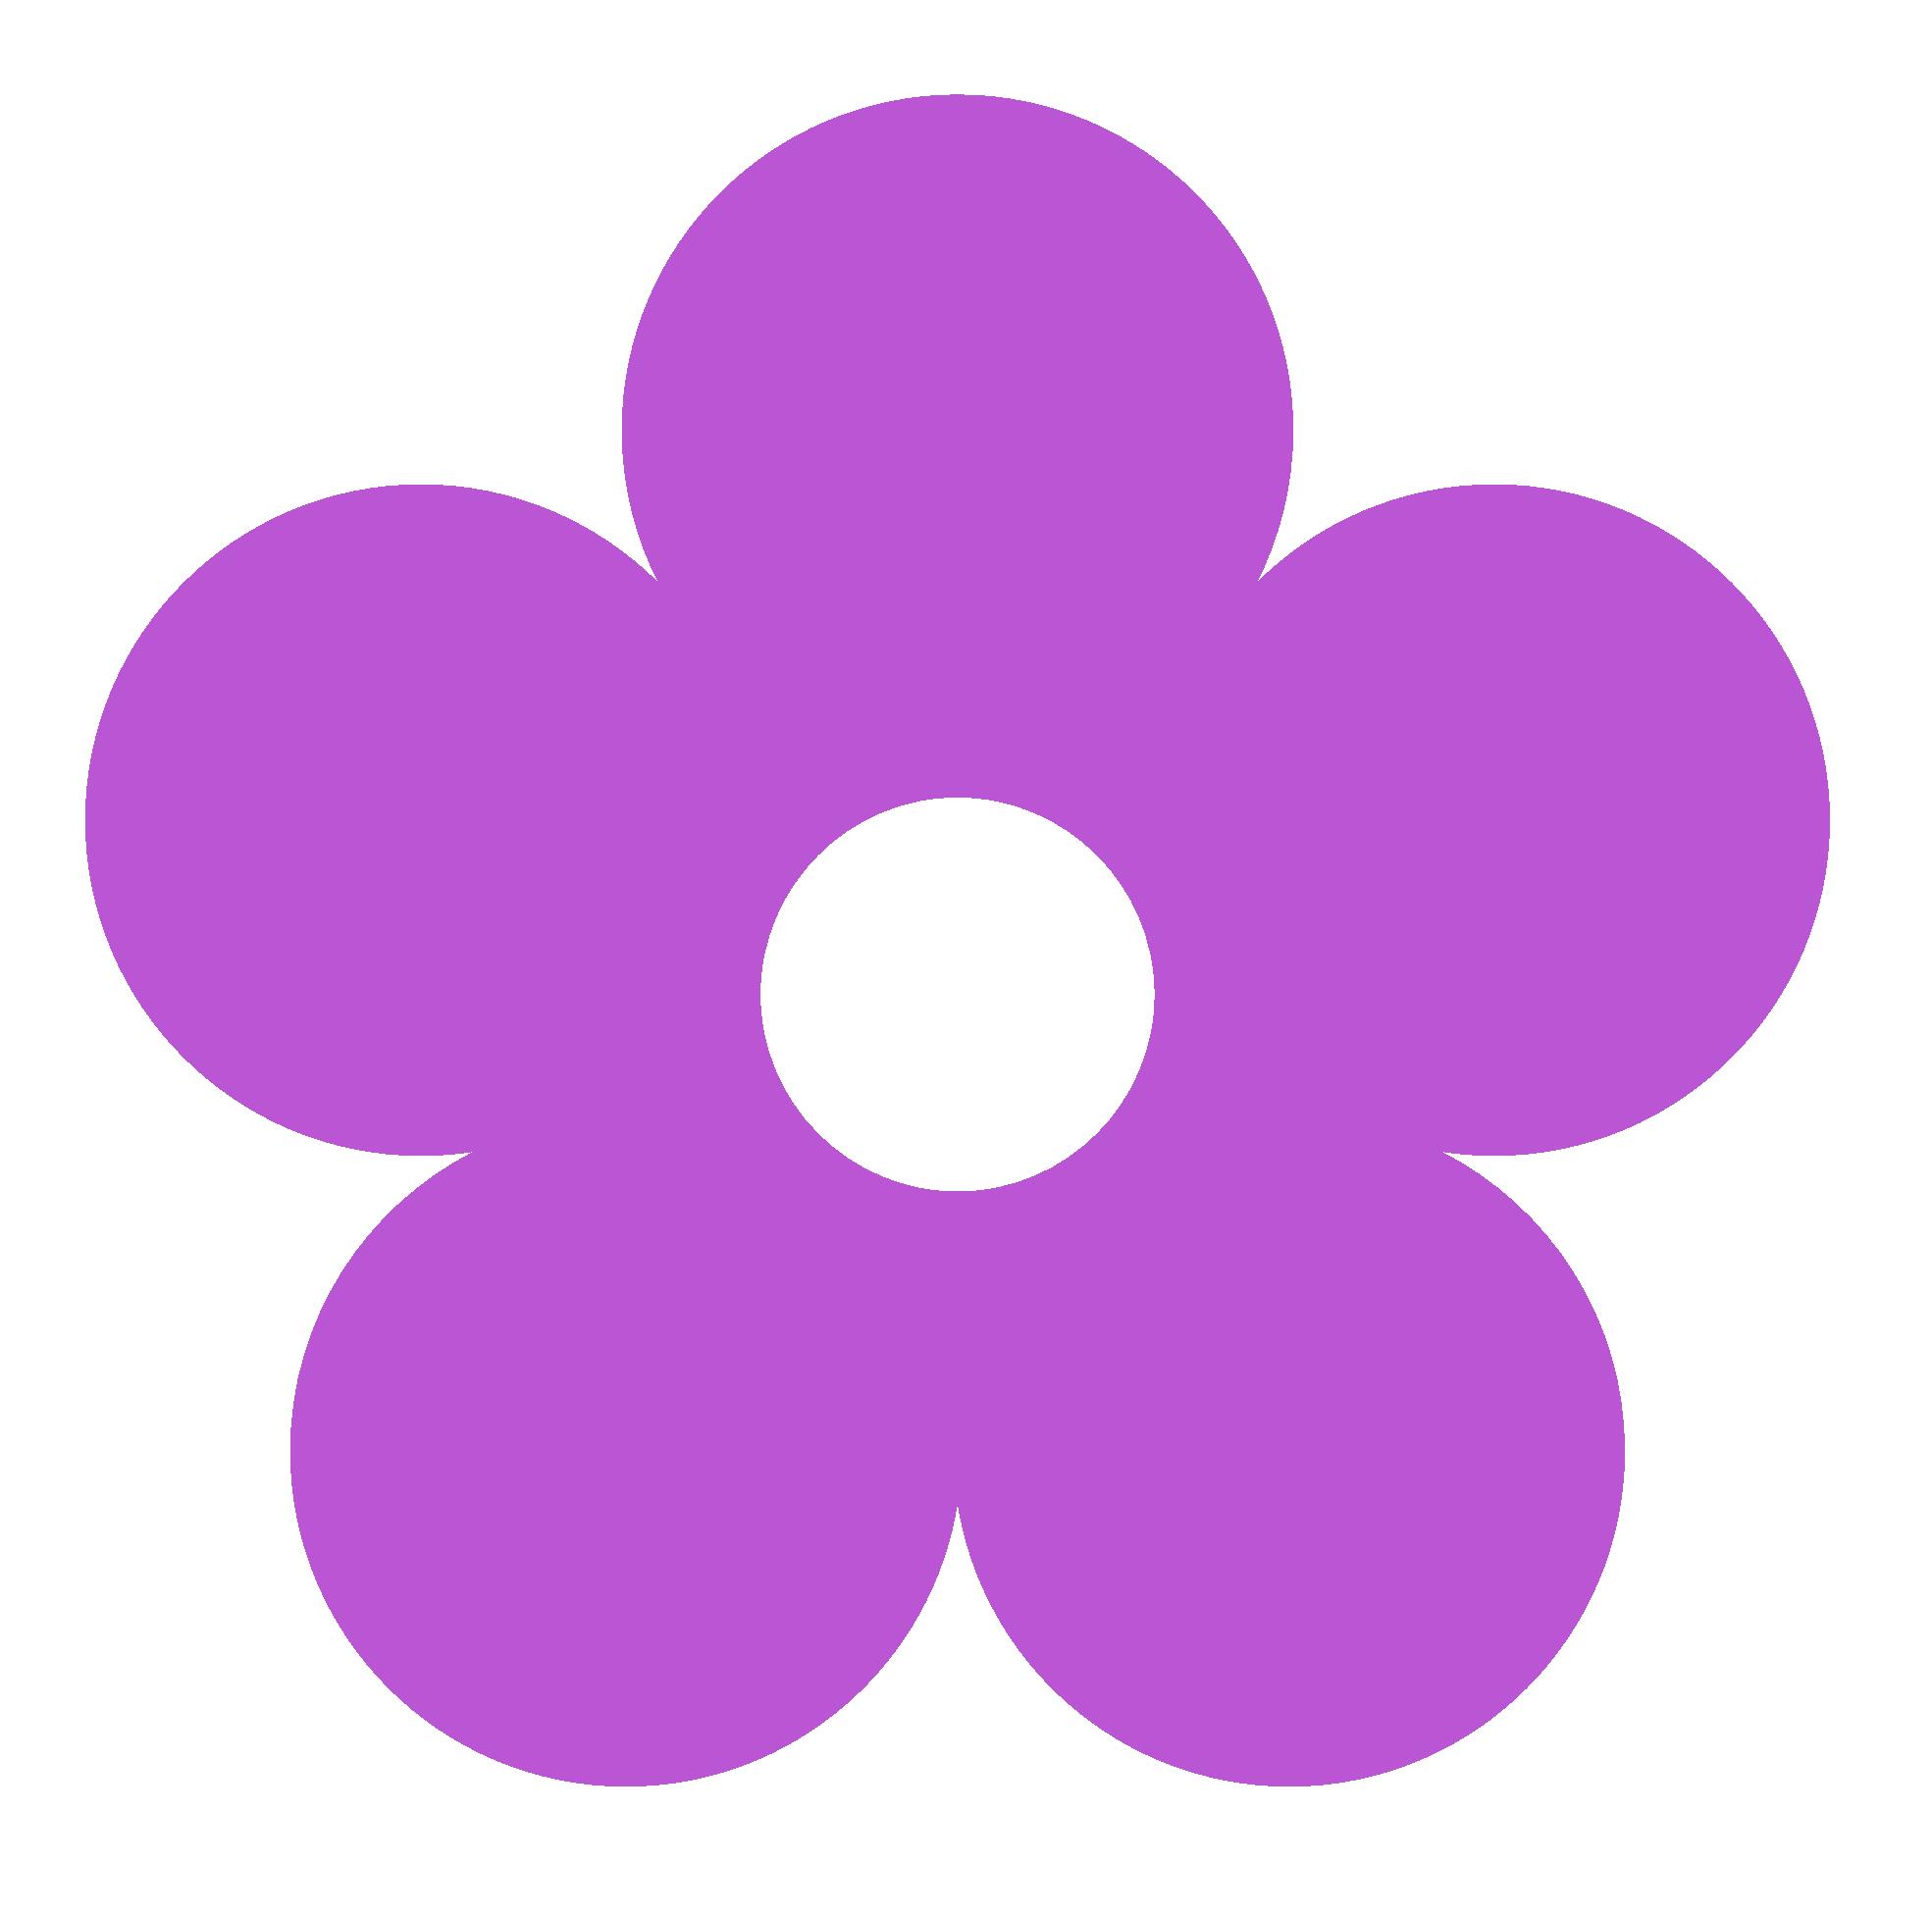 Orchid flower clip art. Clipart rose shape